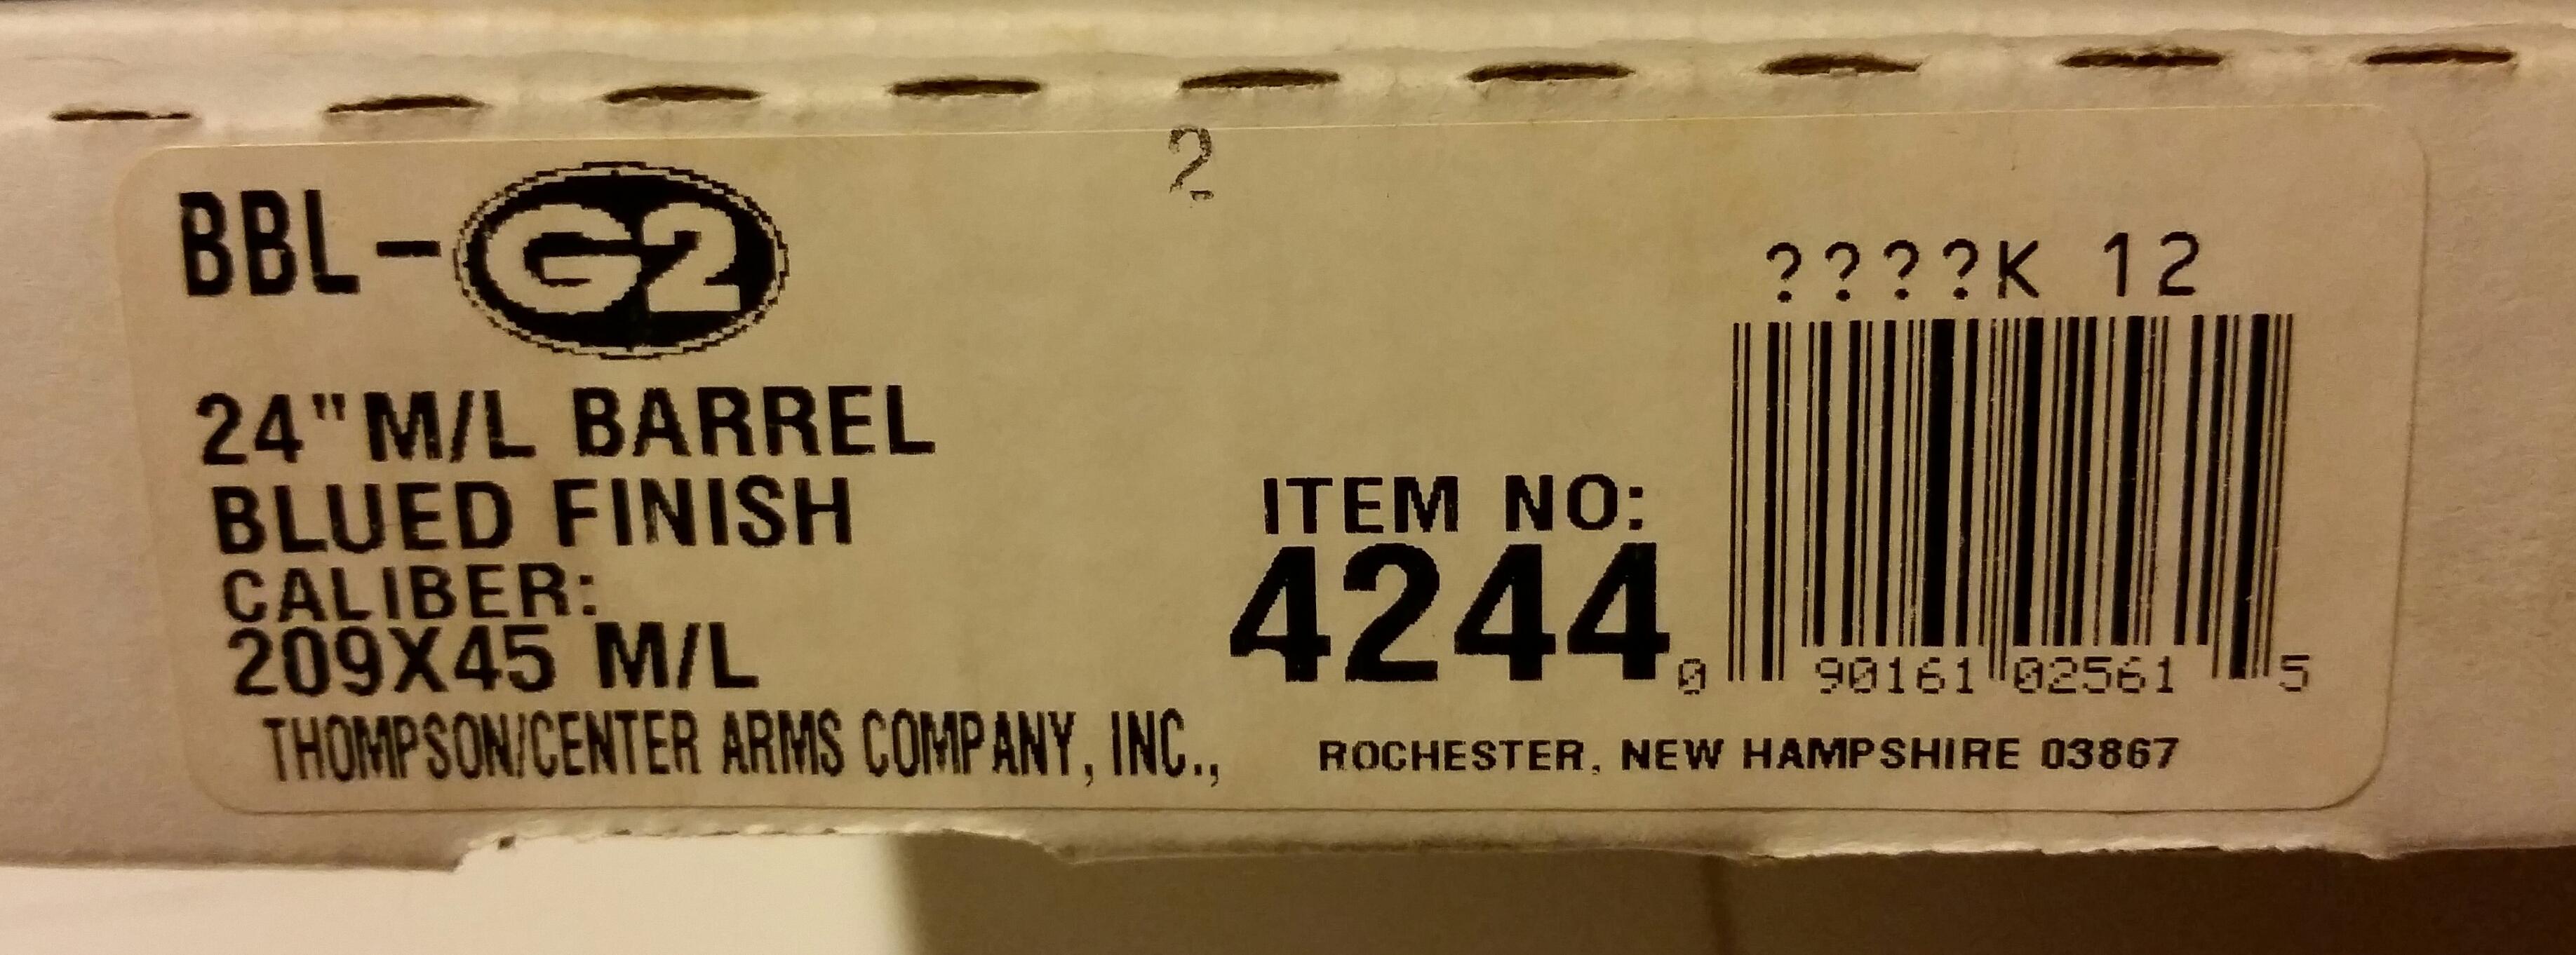 Contender 209x45 Muzzleloader barrel for sale SOLD